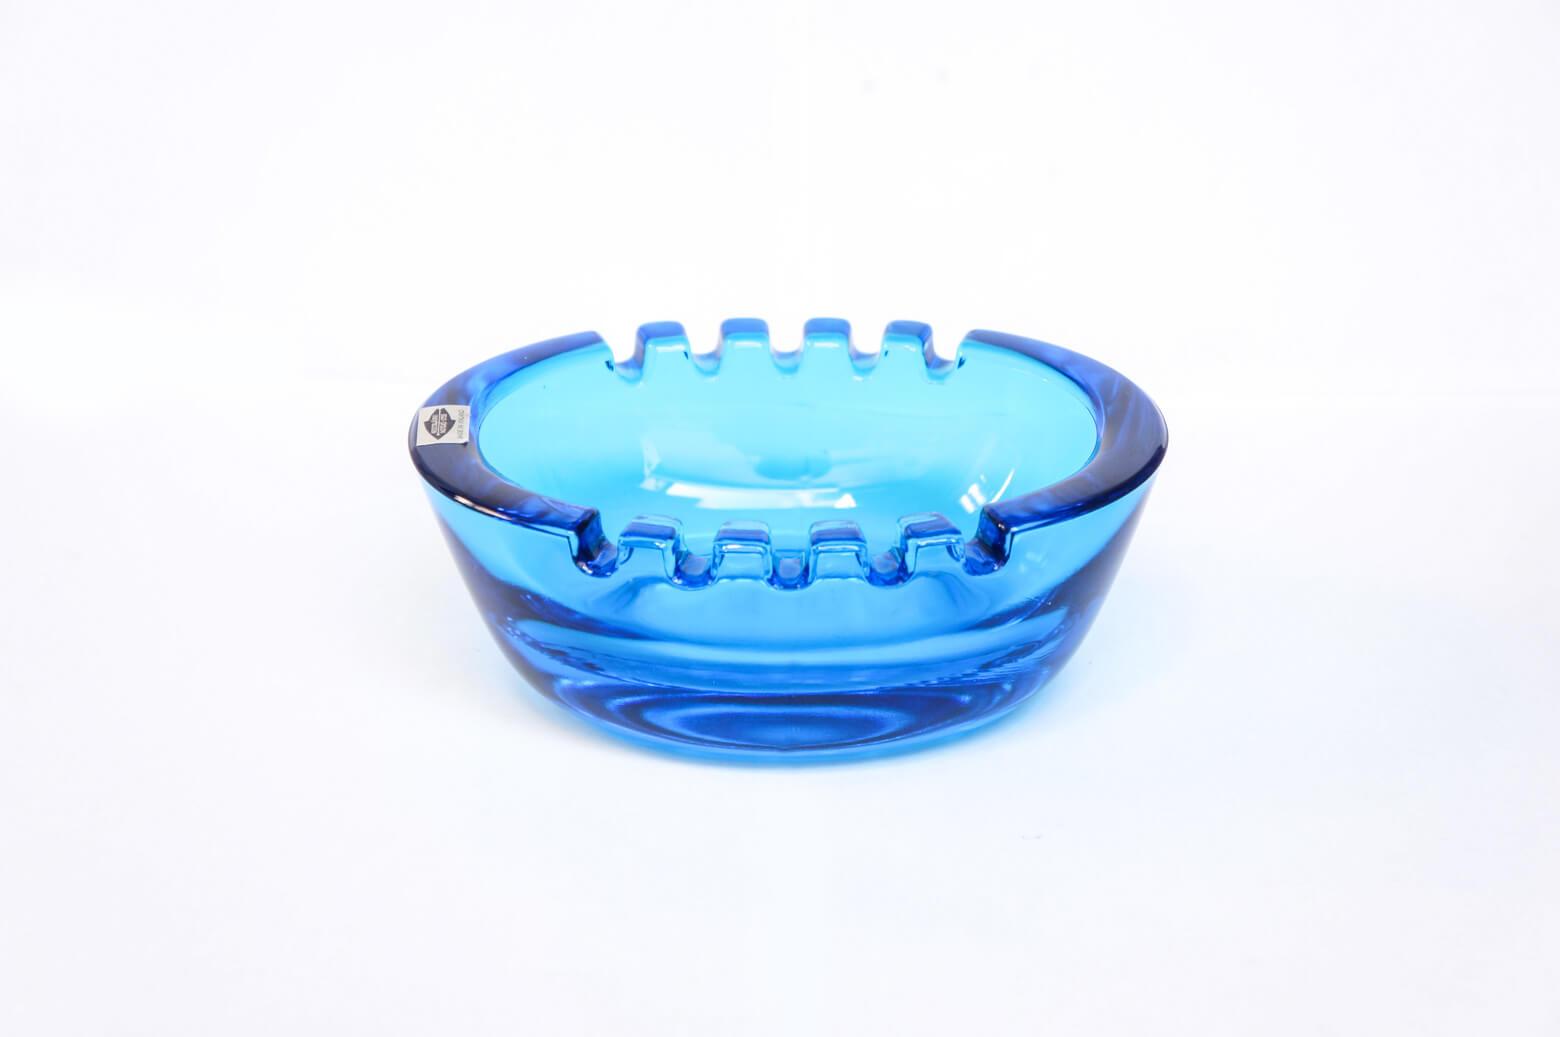 Nuutajärvi Ash Tray/ヌータヤルヴィ アッシュトレイ スタディオン ブルー 灰皿 ボウル 北欧 雑貨 サーラ・ホペア デザイン2